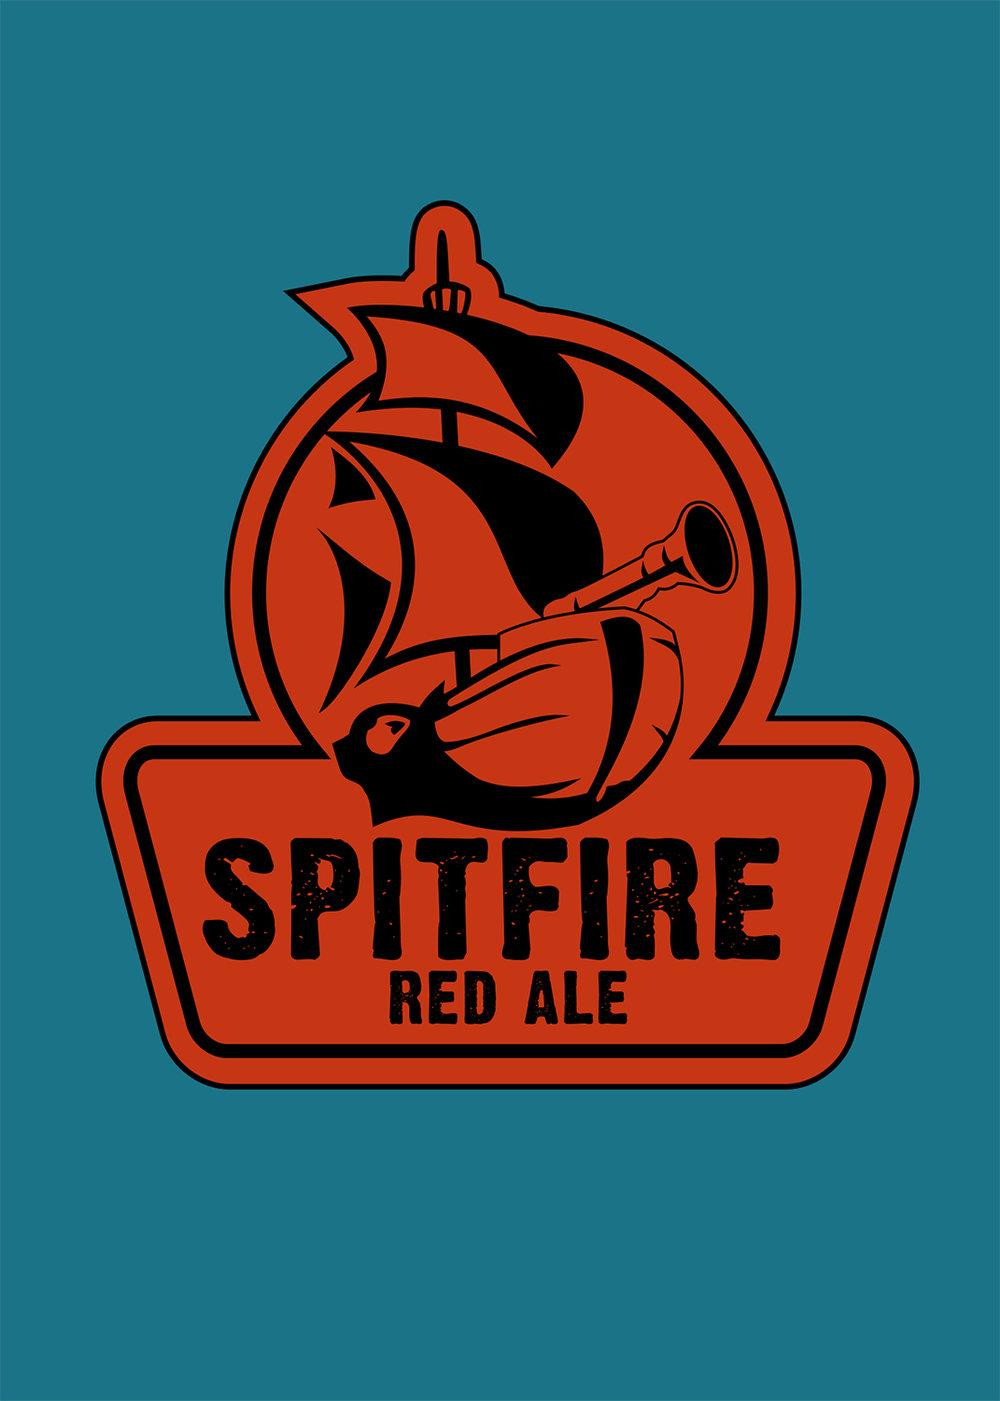 SPITFIRE_RED_ALE_LOGO_2